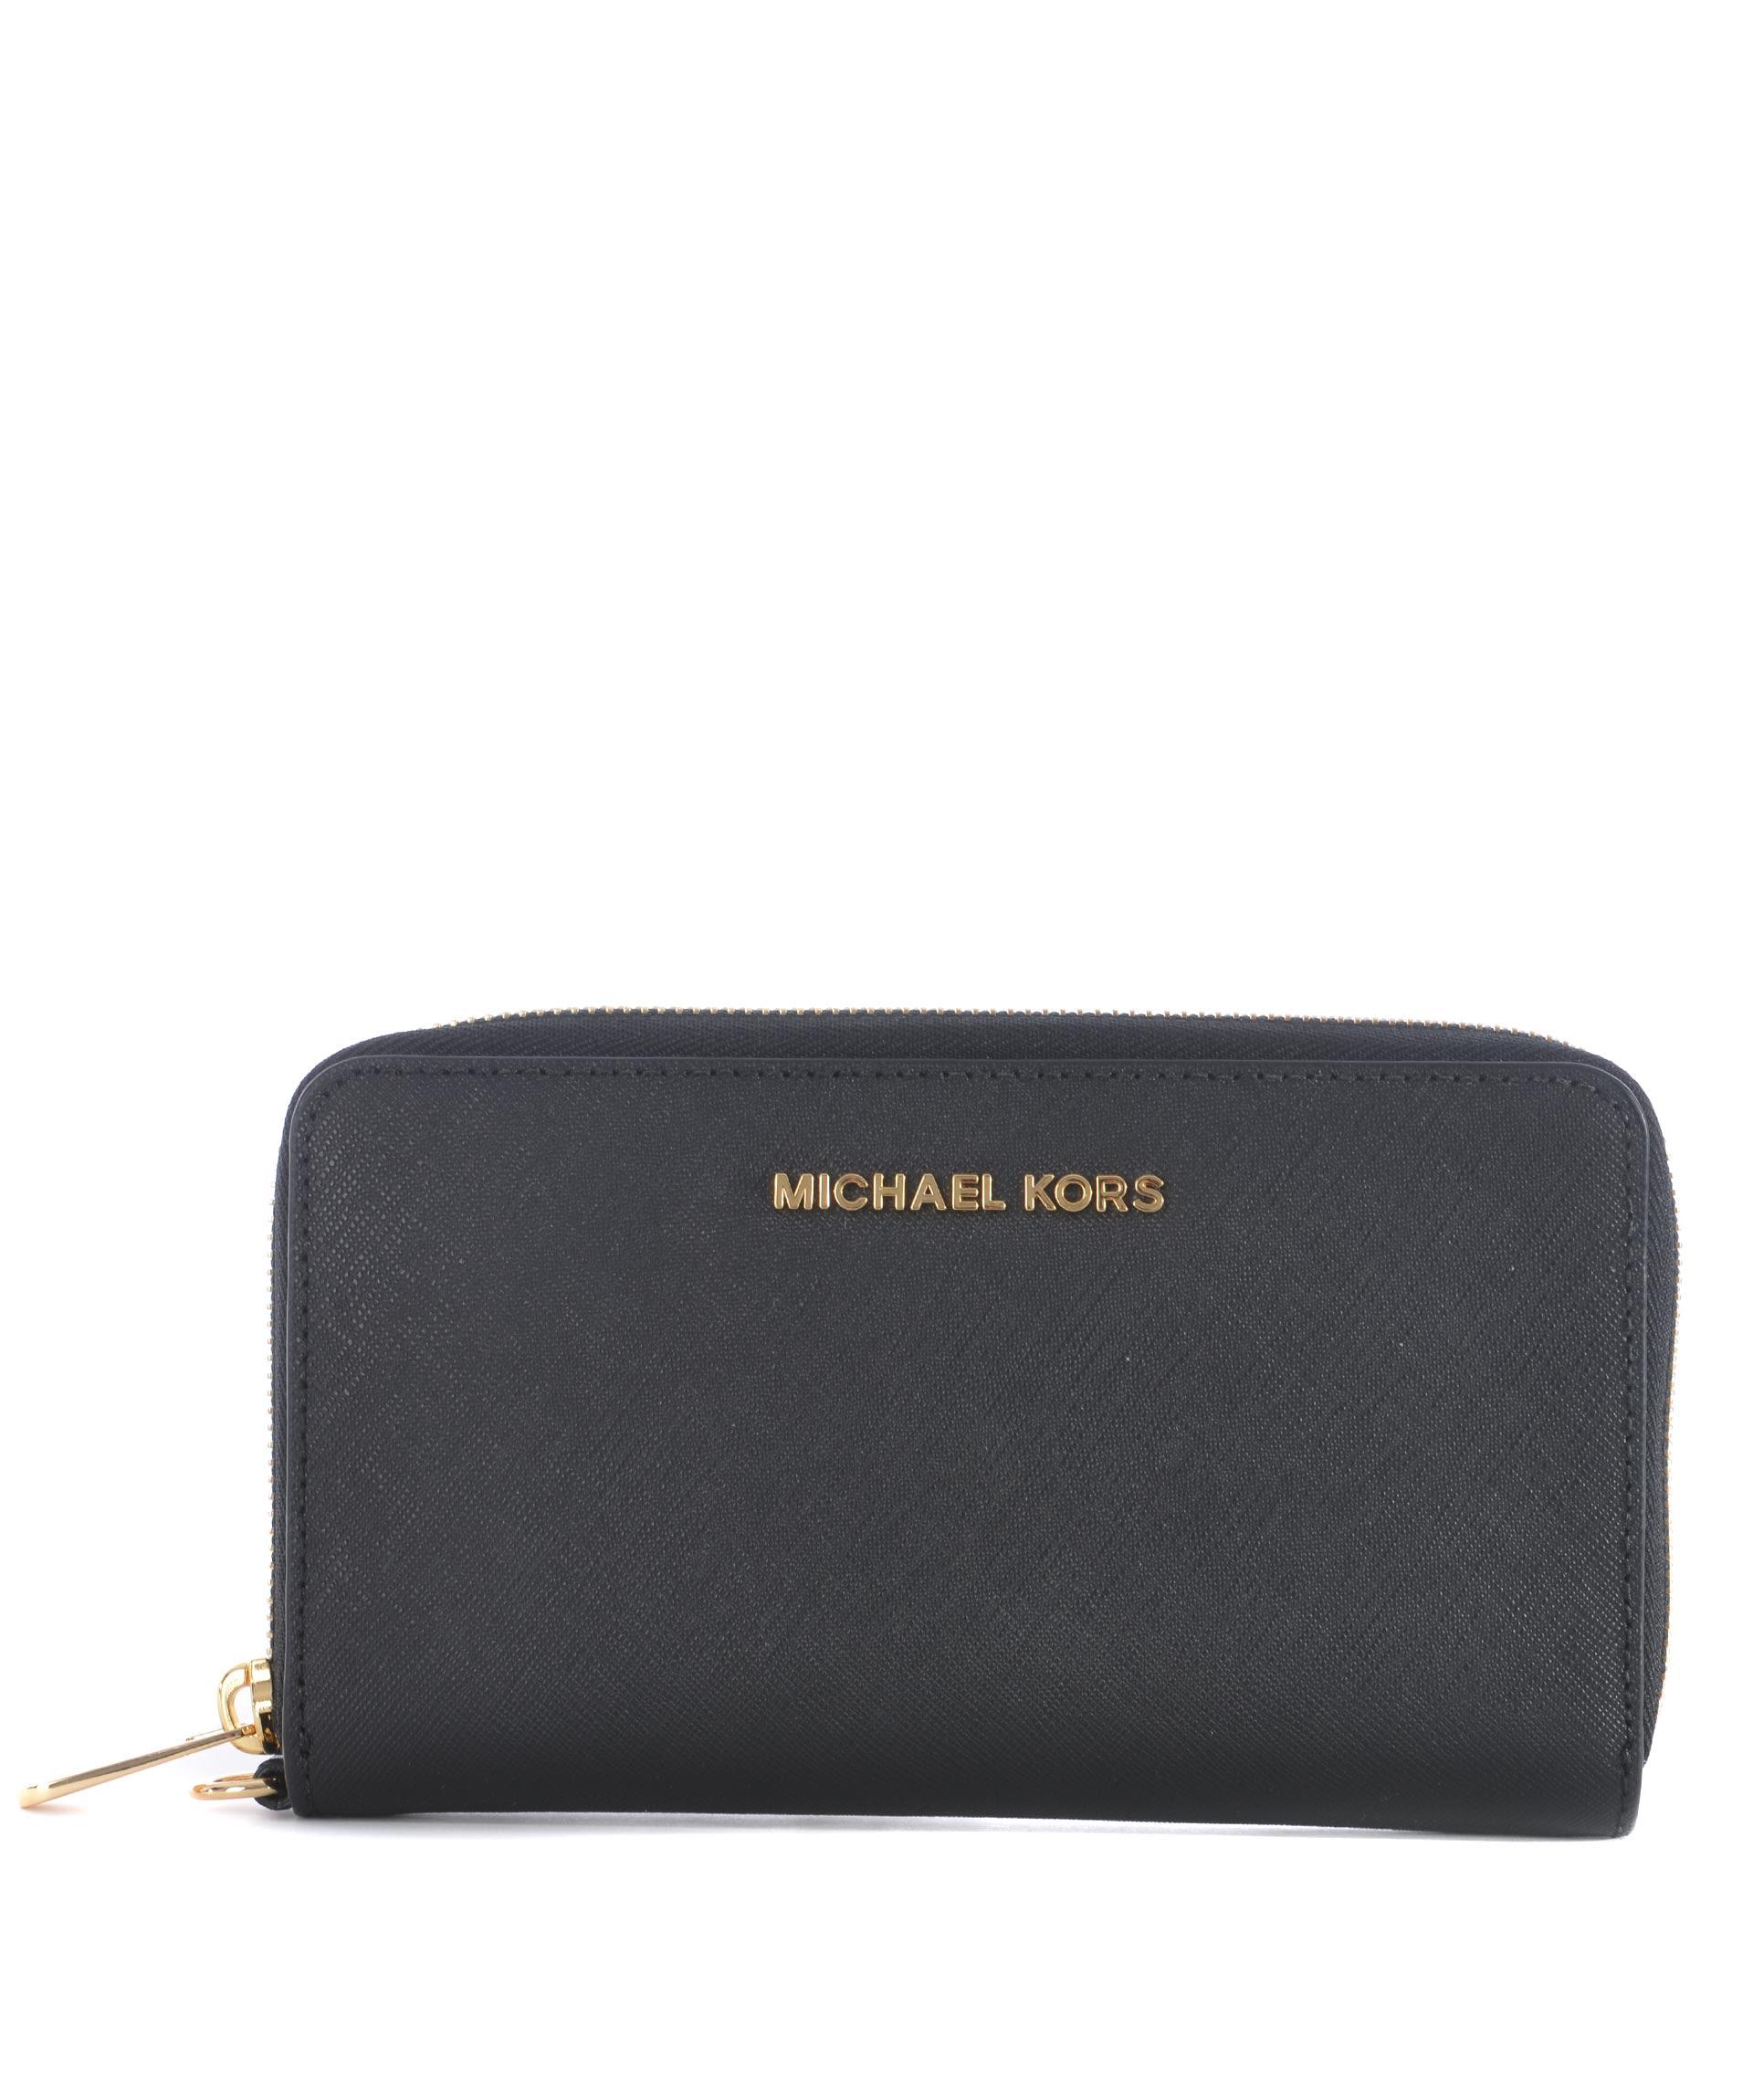 Michael Kors Jet Set Travel Zip Around Wallet